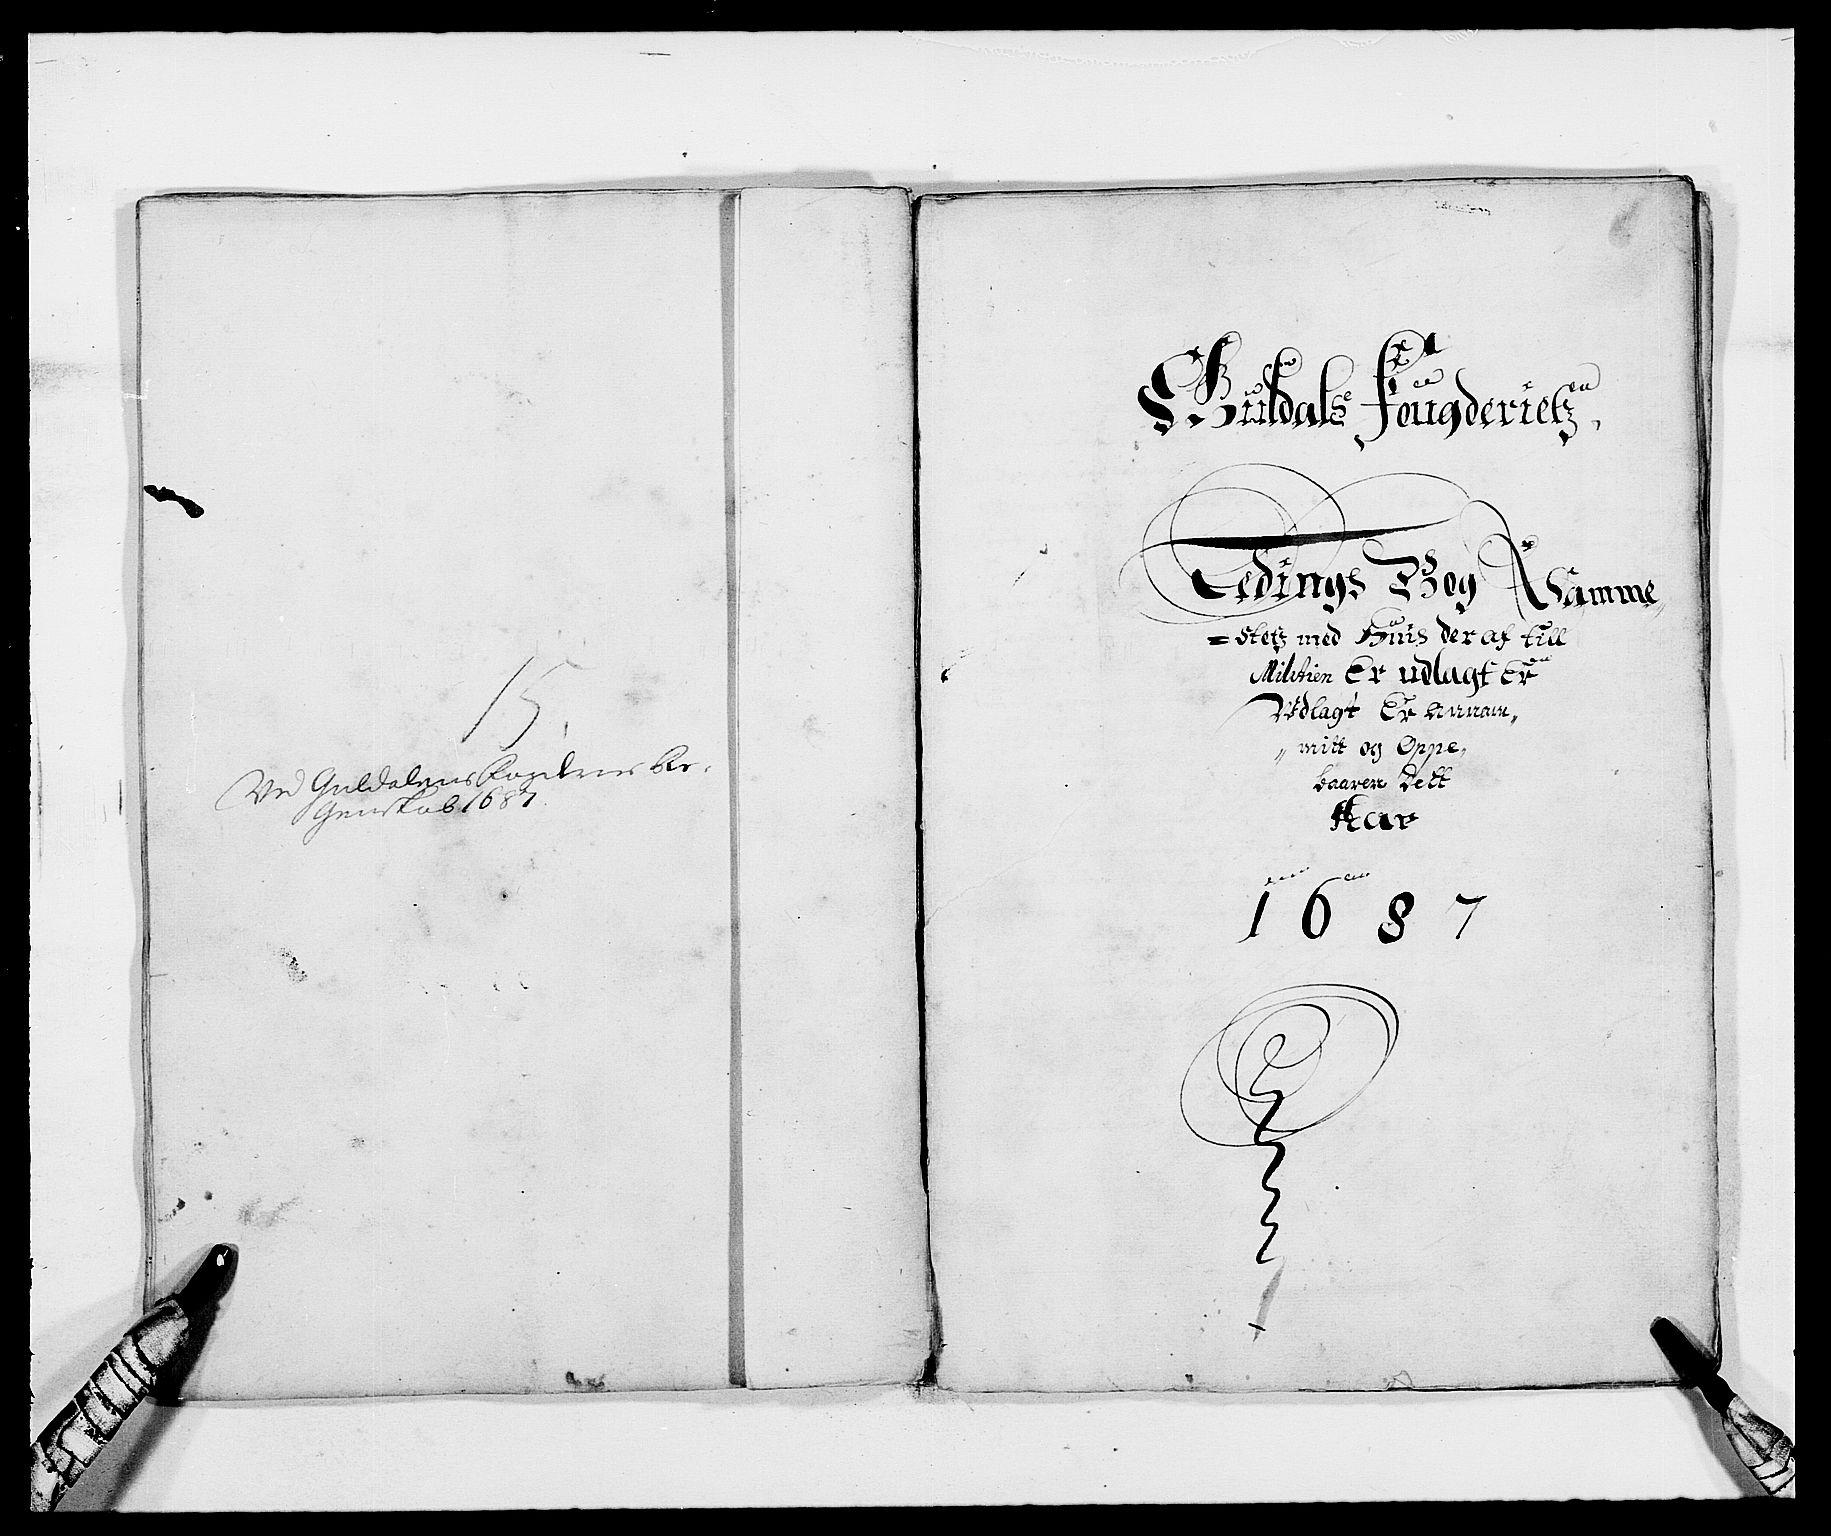 RA, Rentekammeret inntil 1814, Reviderte regnskaper, Fogderegnskap, R59/L3939: Fogderegnskap Gauldal, 1687-1688, s. 72